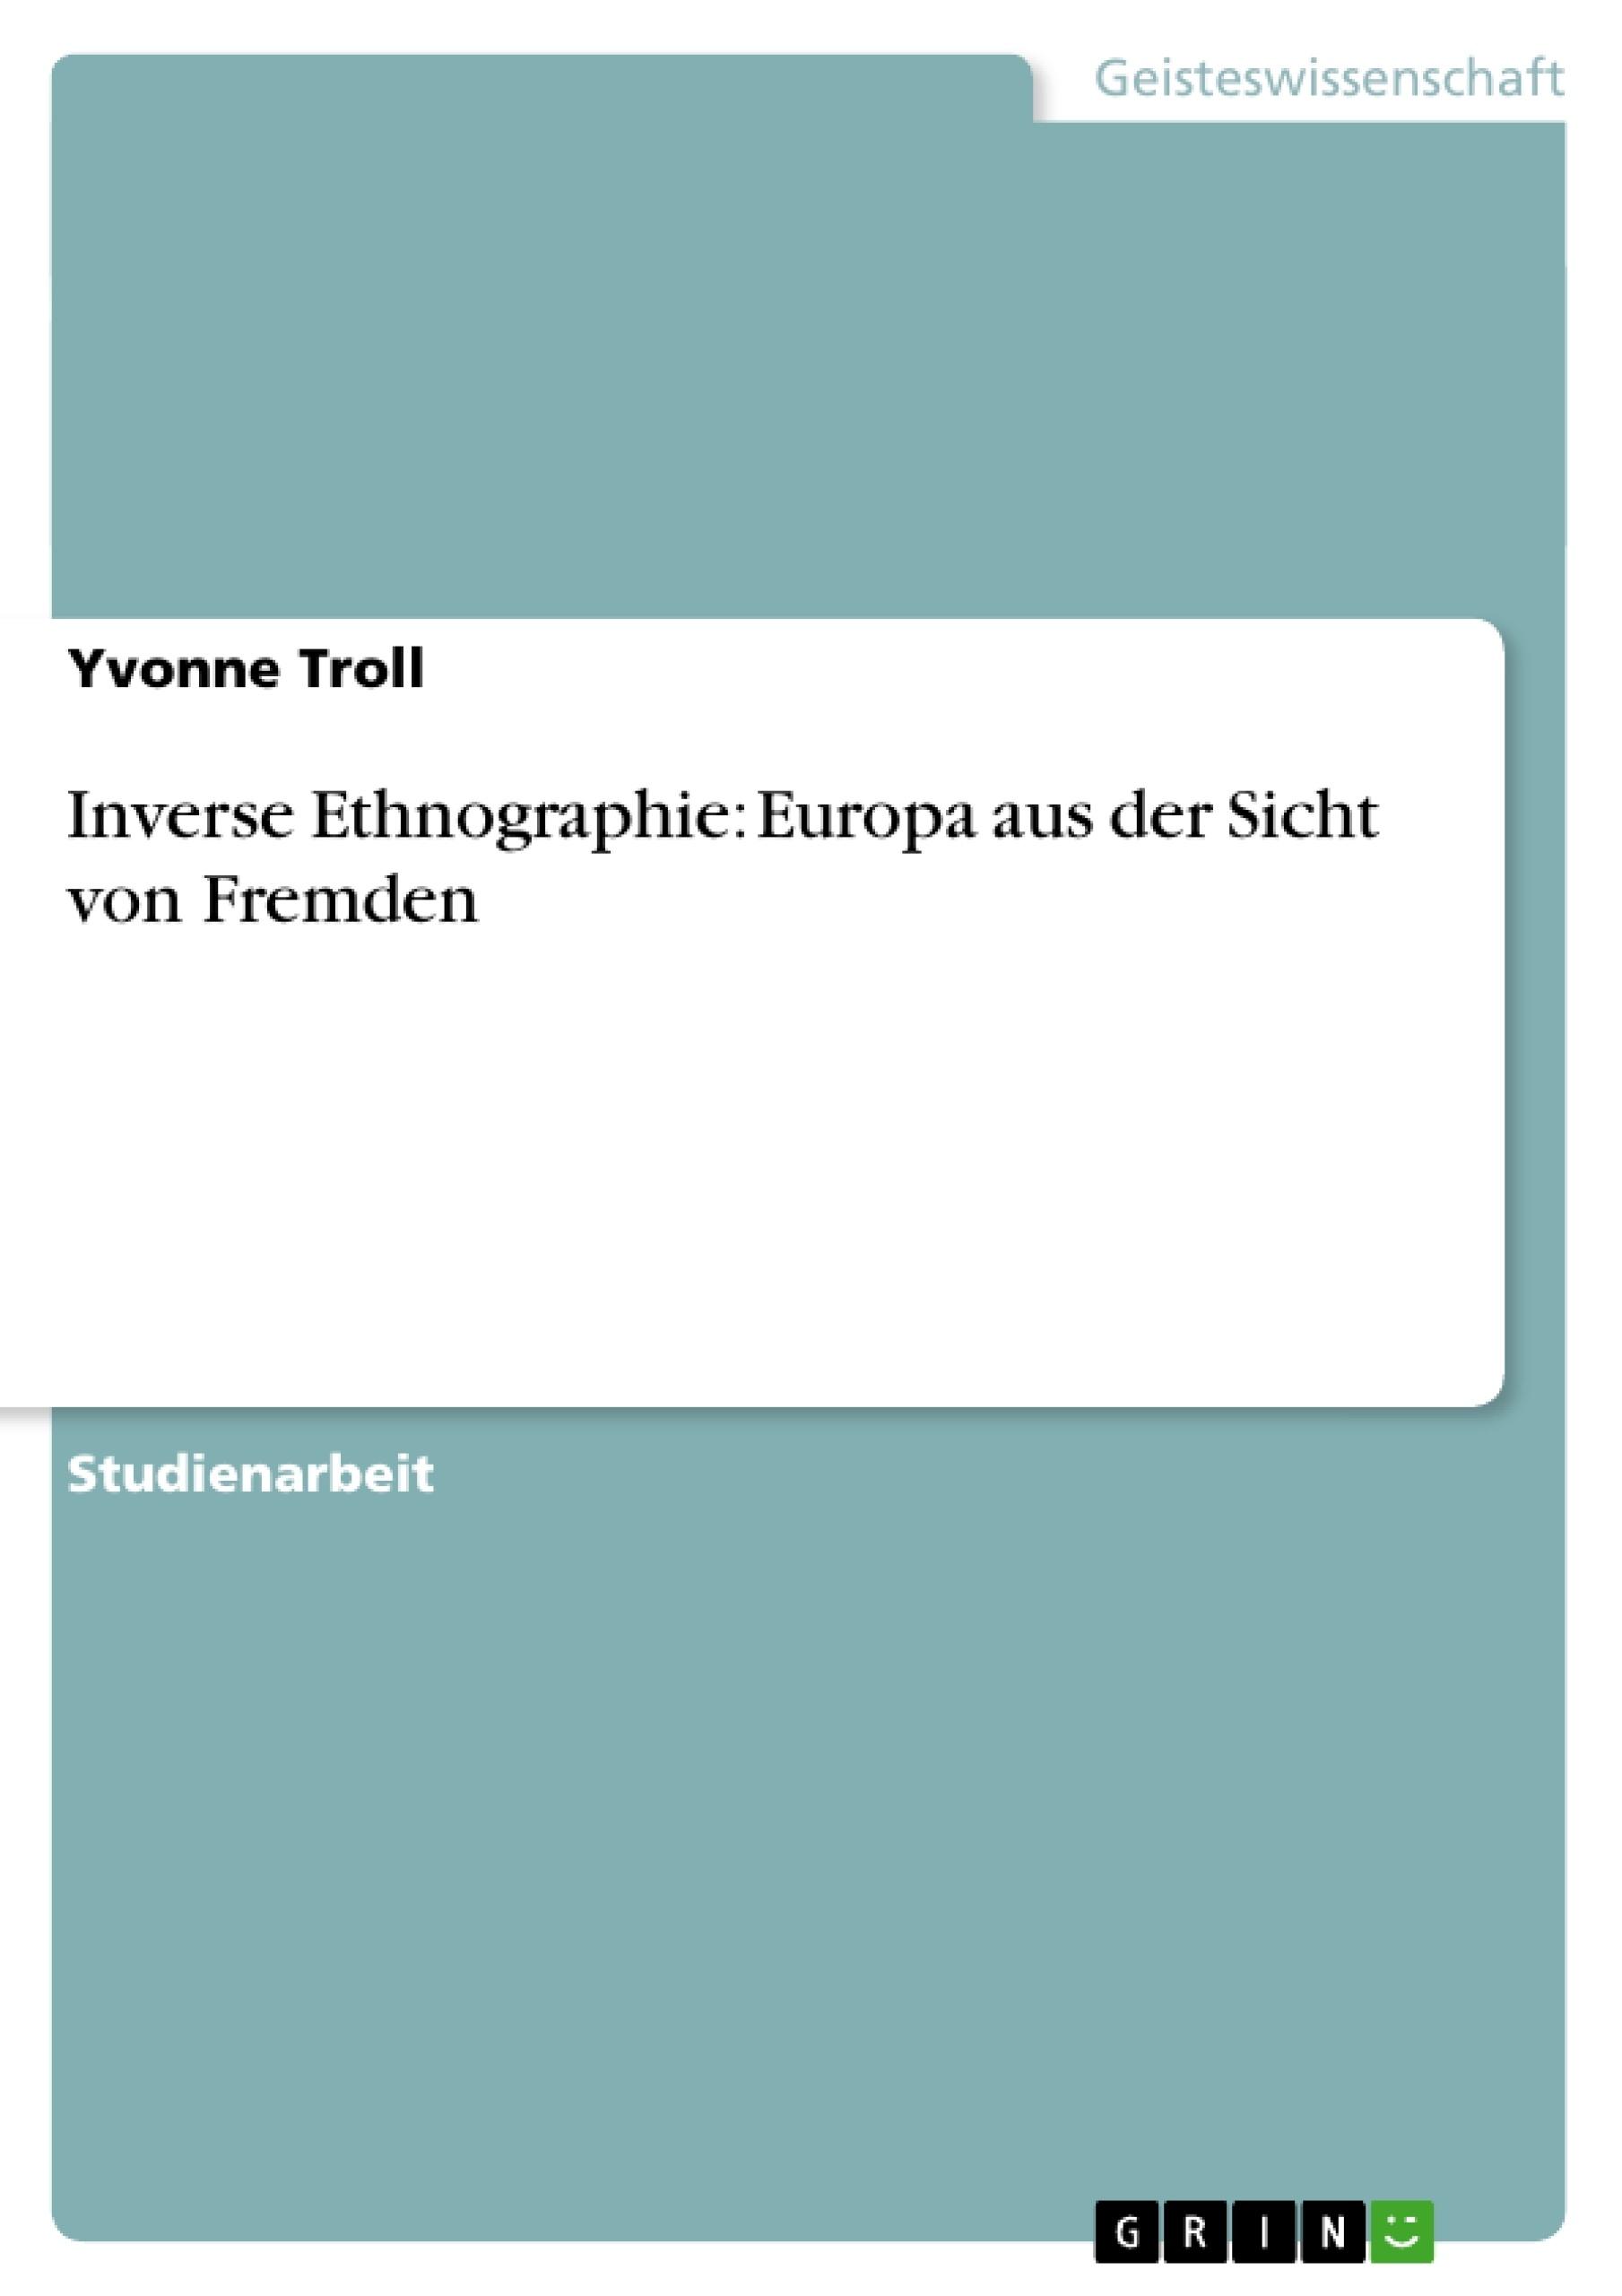 Titel: Inverse Ethnographie: Europa aus der Sicht von Fremden